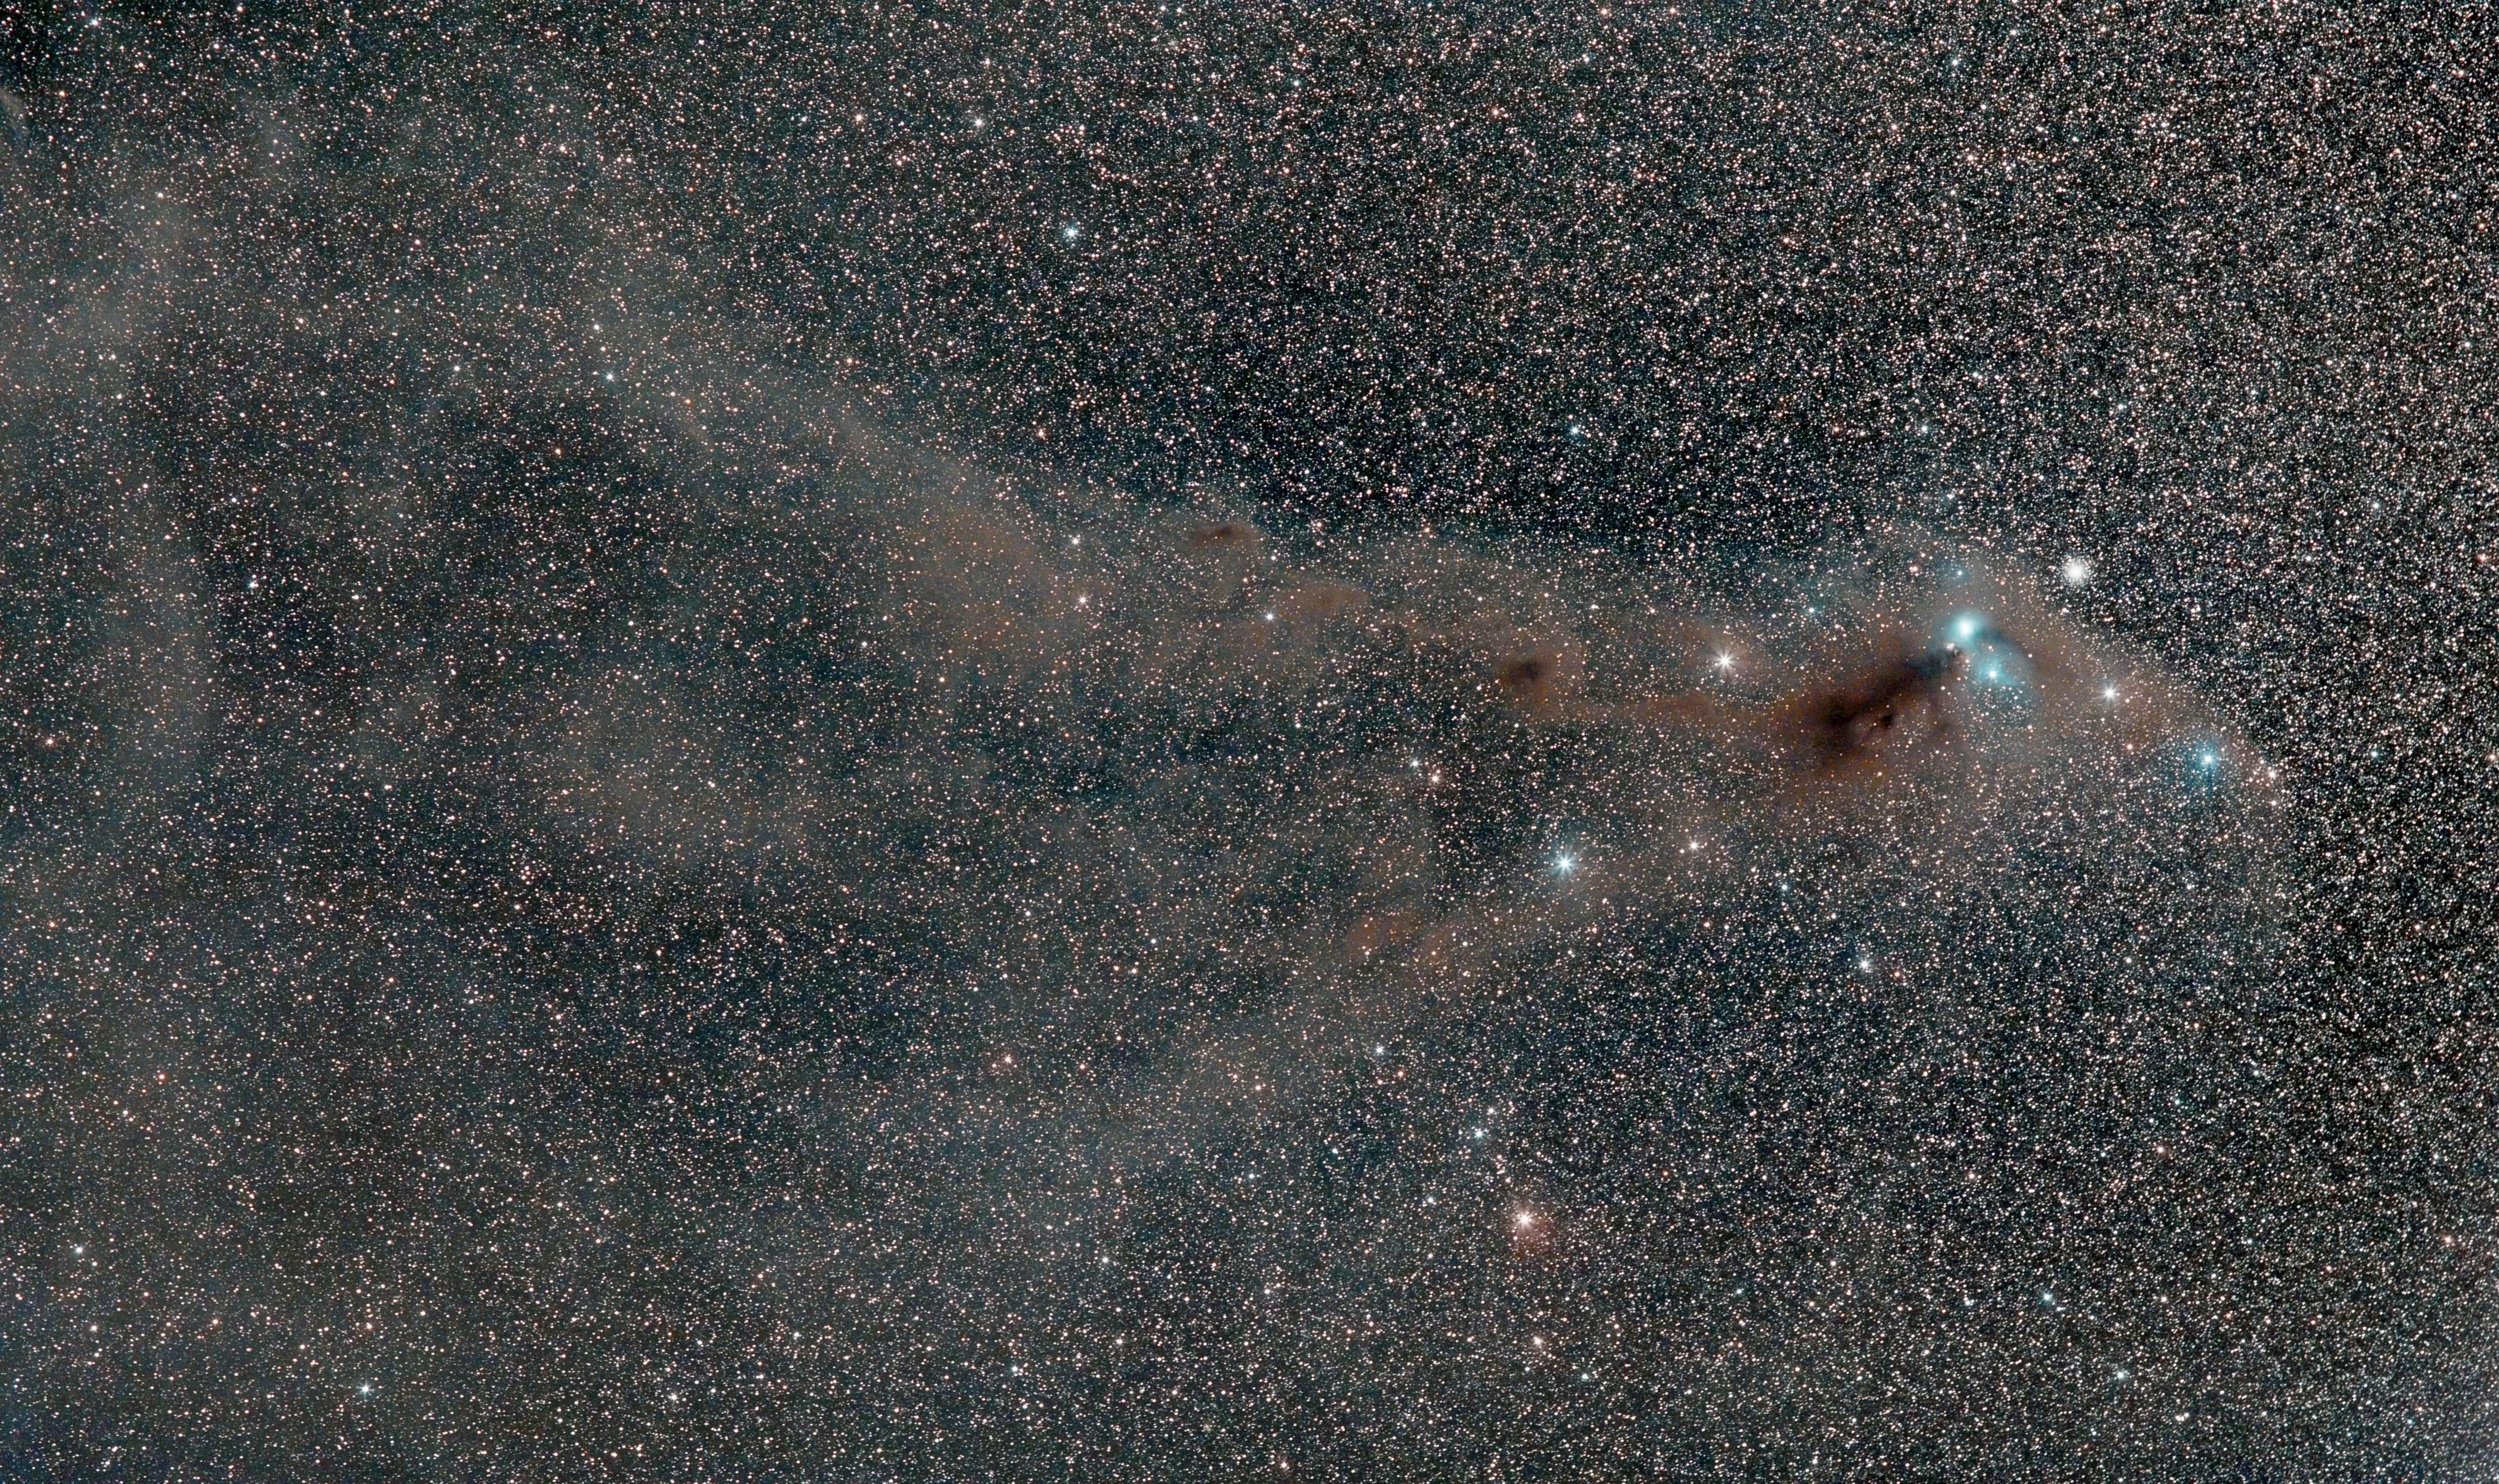 Astrophotography. Sternentstehungsgebiet in der südlichen Krone. Reflexionsnebel. NGC 6726 und IC 4812